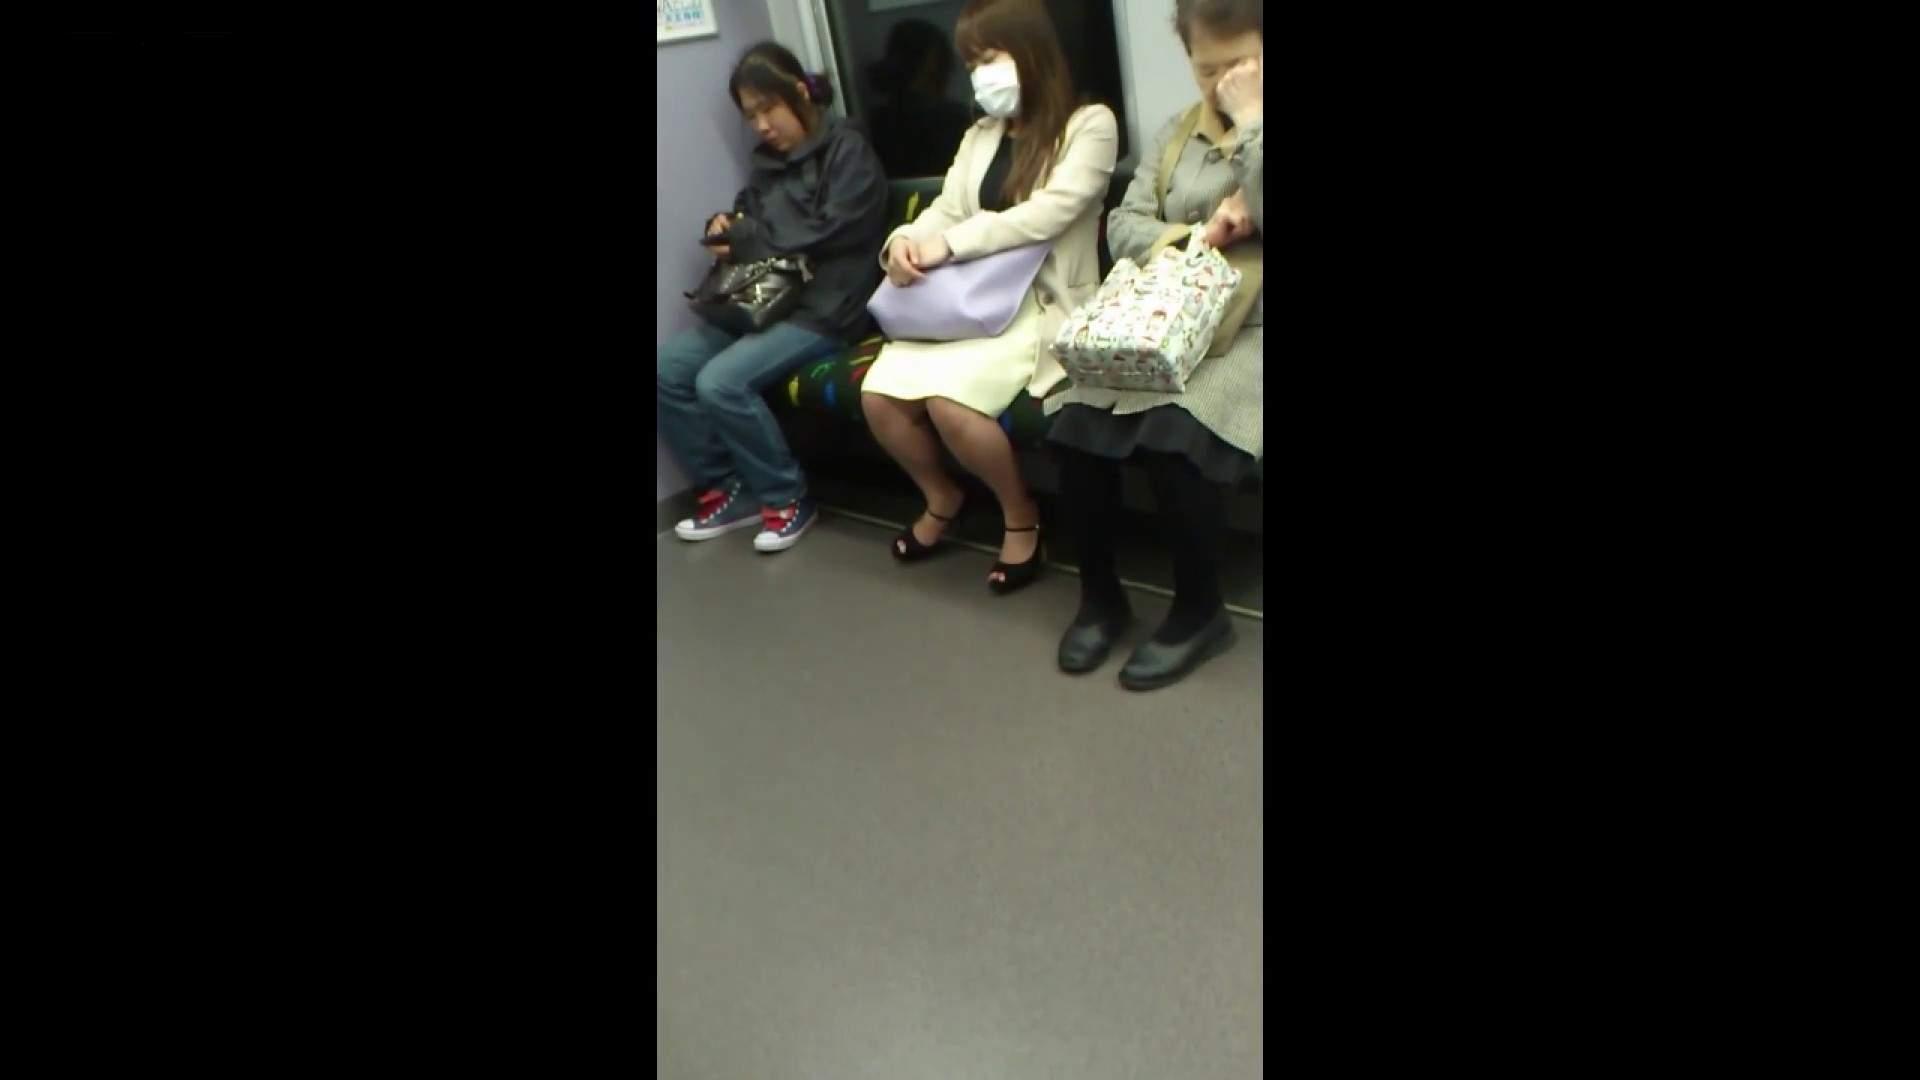 盗撮列車 Vol.55 黄色の爽やかなスカートが大好きです。 盗撮編 AV無料動画キャプチャ 89枚 52